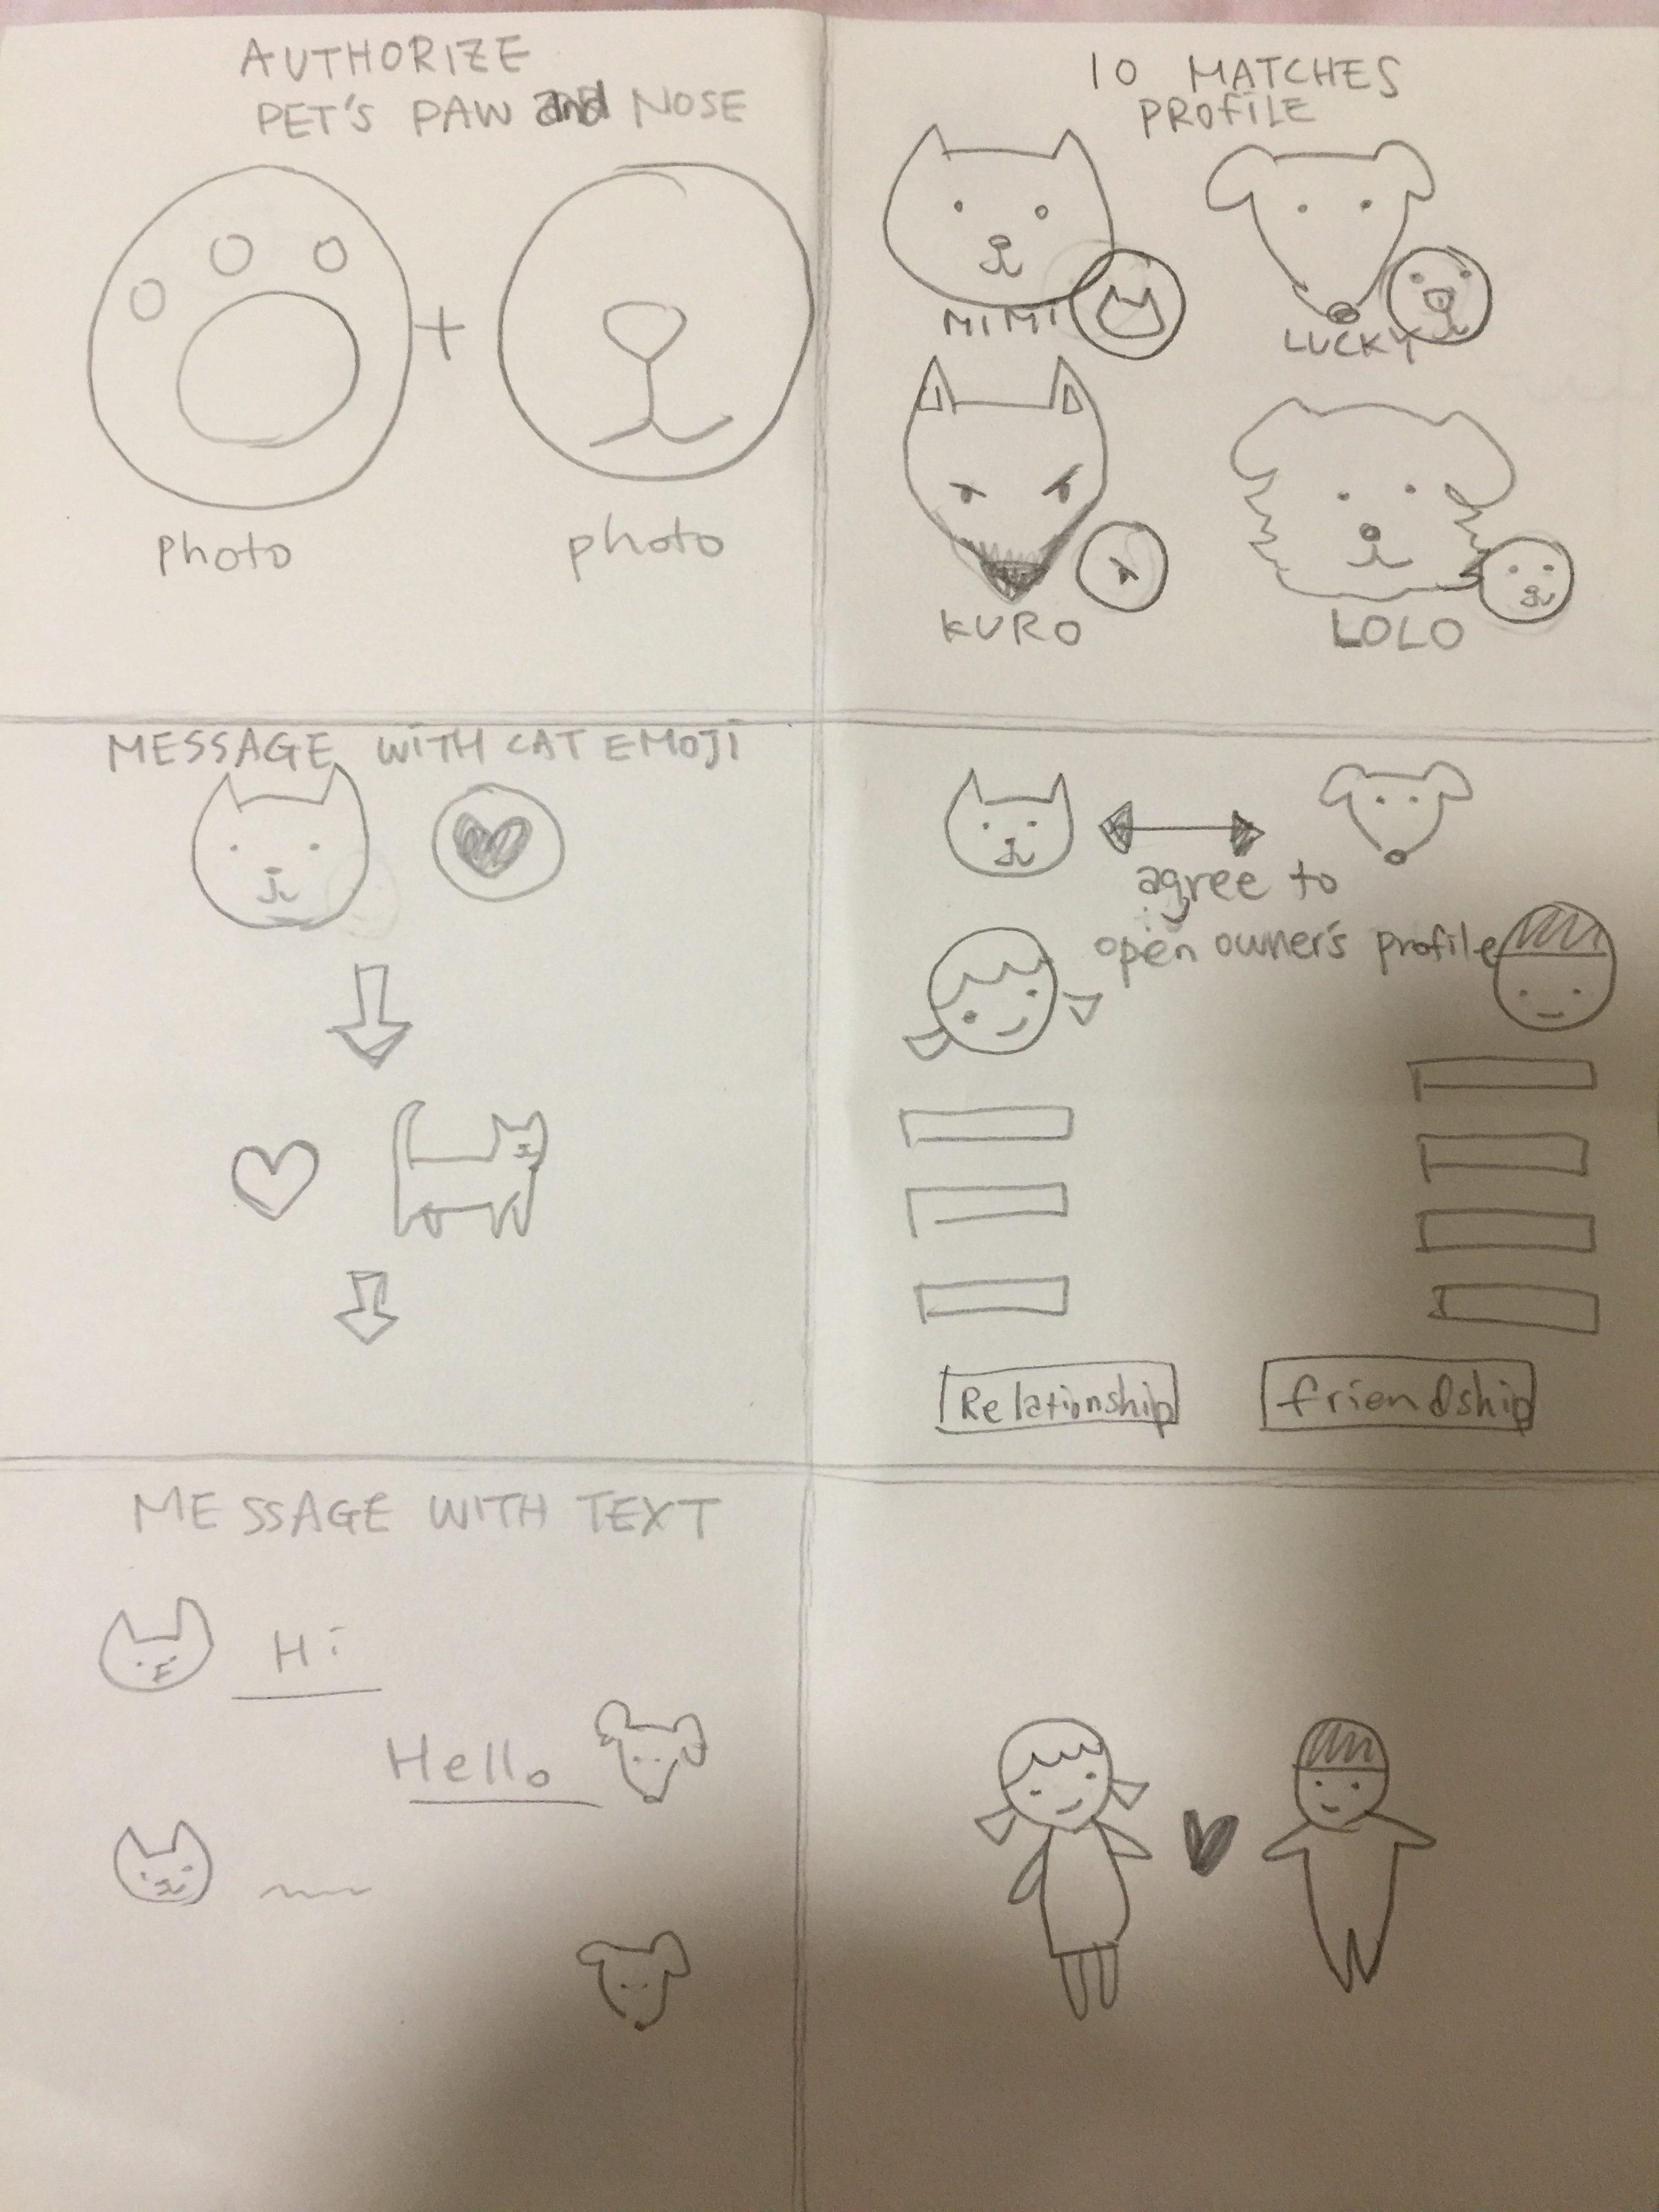 TED日本語  ジュリアントレジャー 人を惹きつける話し方